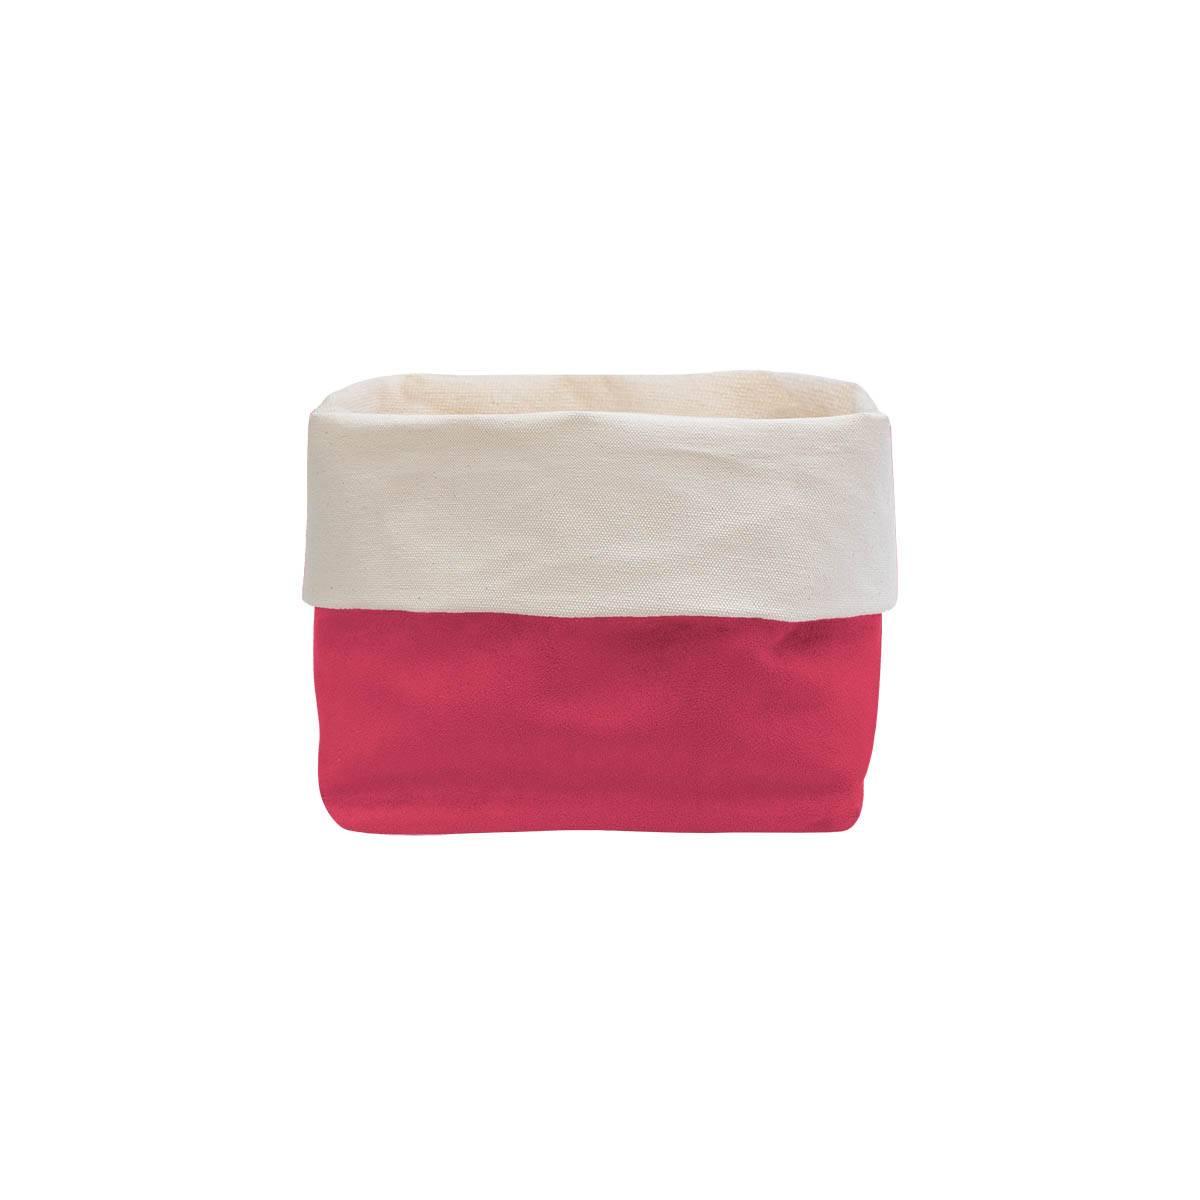 Porta Treco • Futon Company ® #9D2E46 1200x1200 Acessorios Banheiro Moema